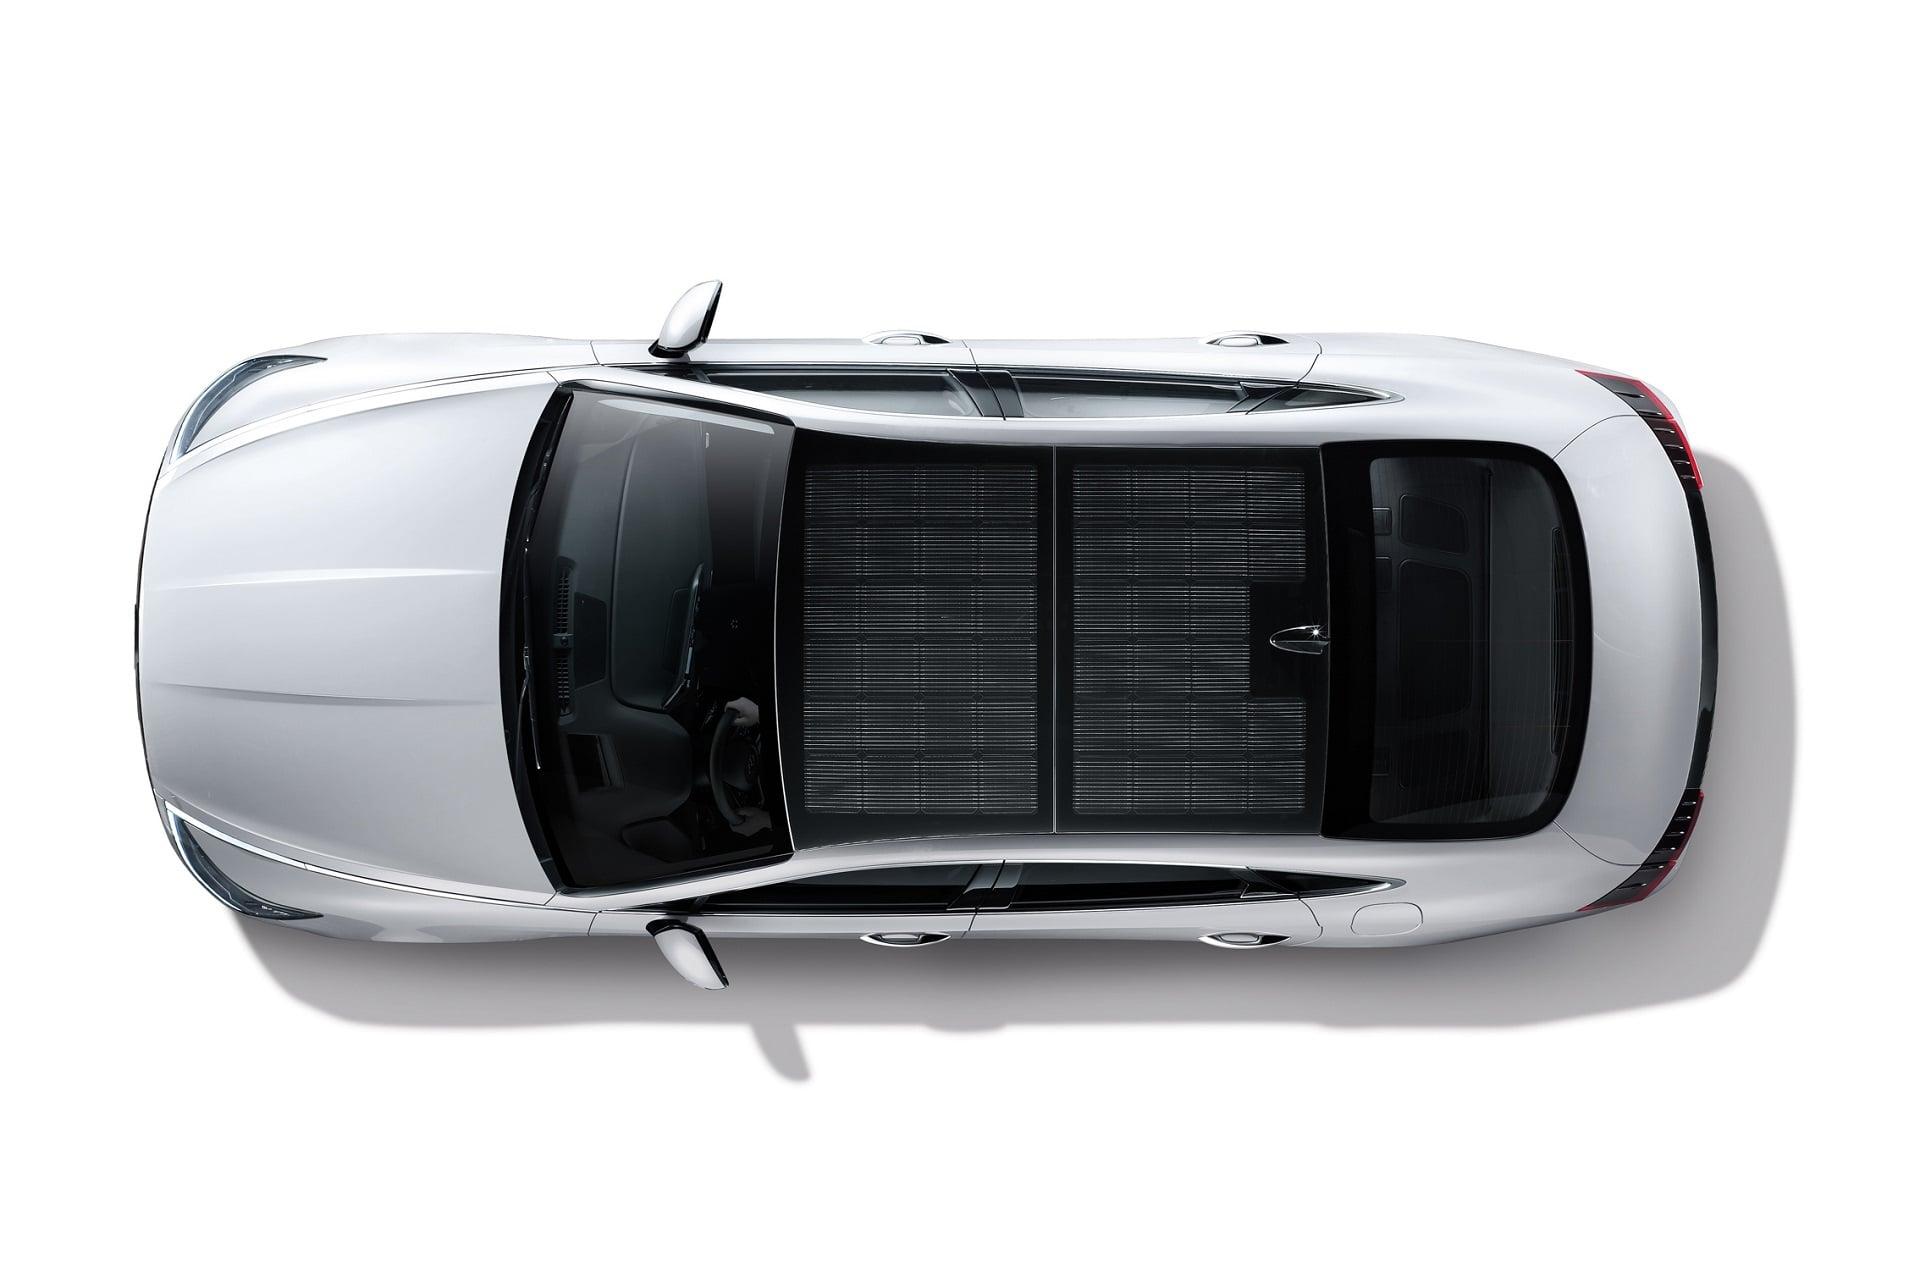 Hyundai Sonata Hybrid - pierwszy samochód z panelami solarnymi na dachu